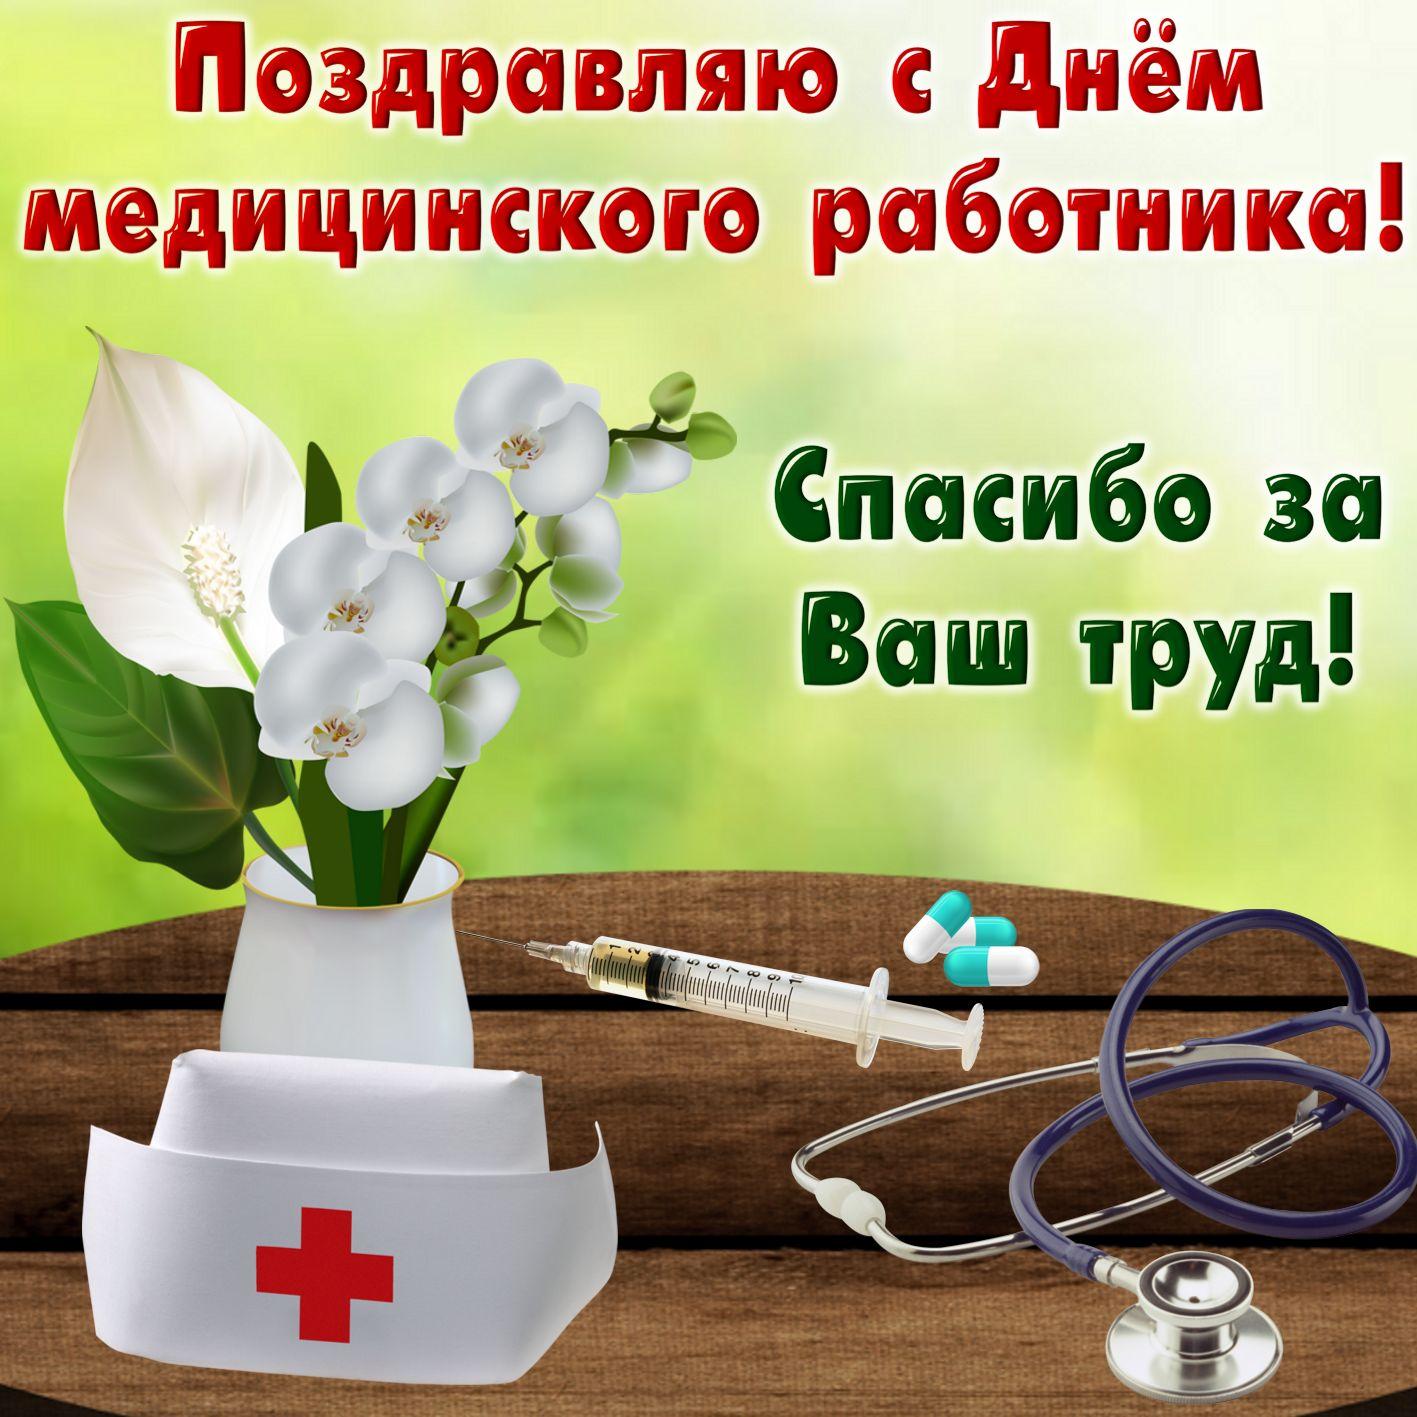 День медика поздравления словами фото 87